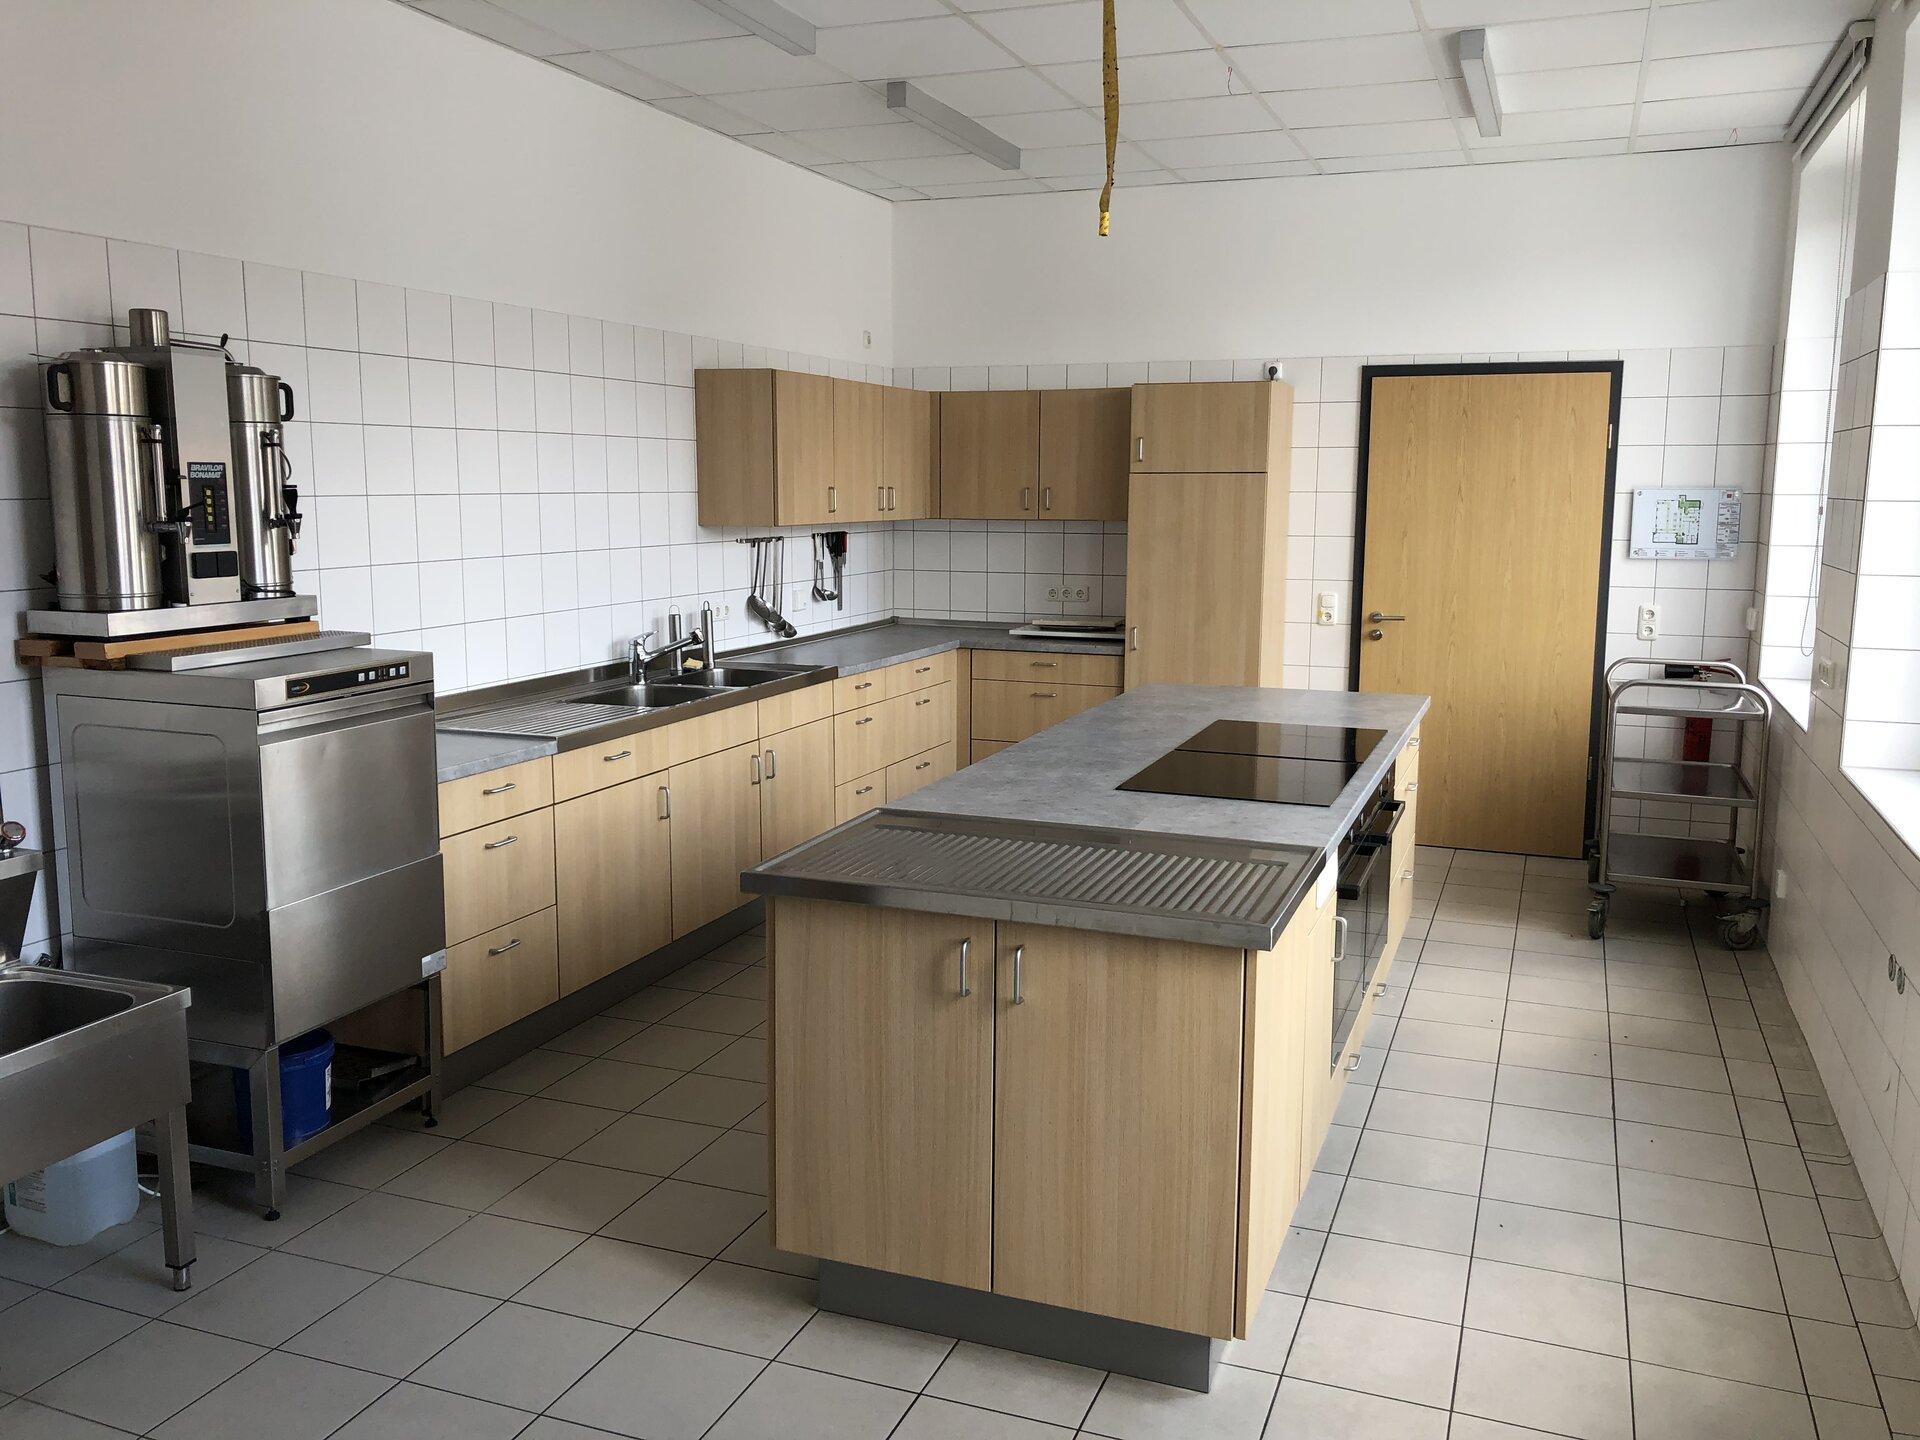 Küche im rückwärtigen Bereich der Küche